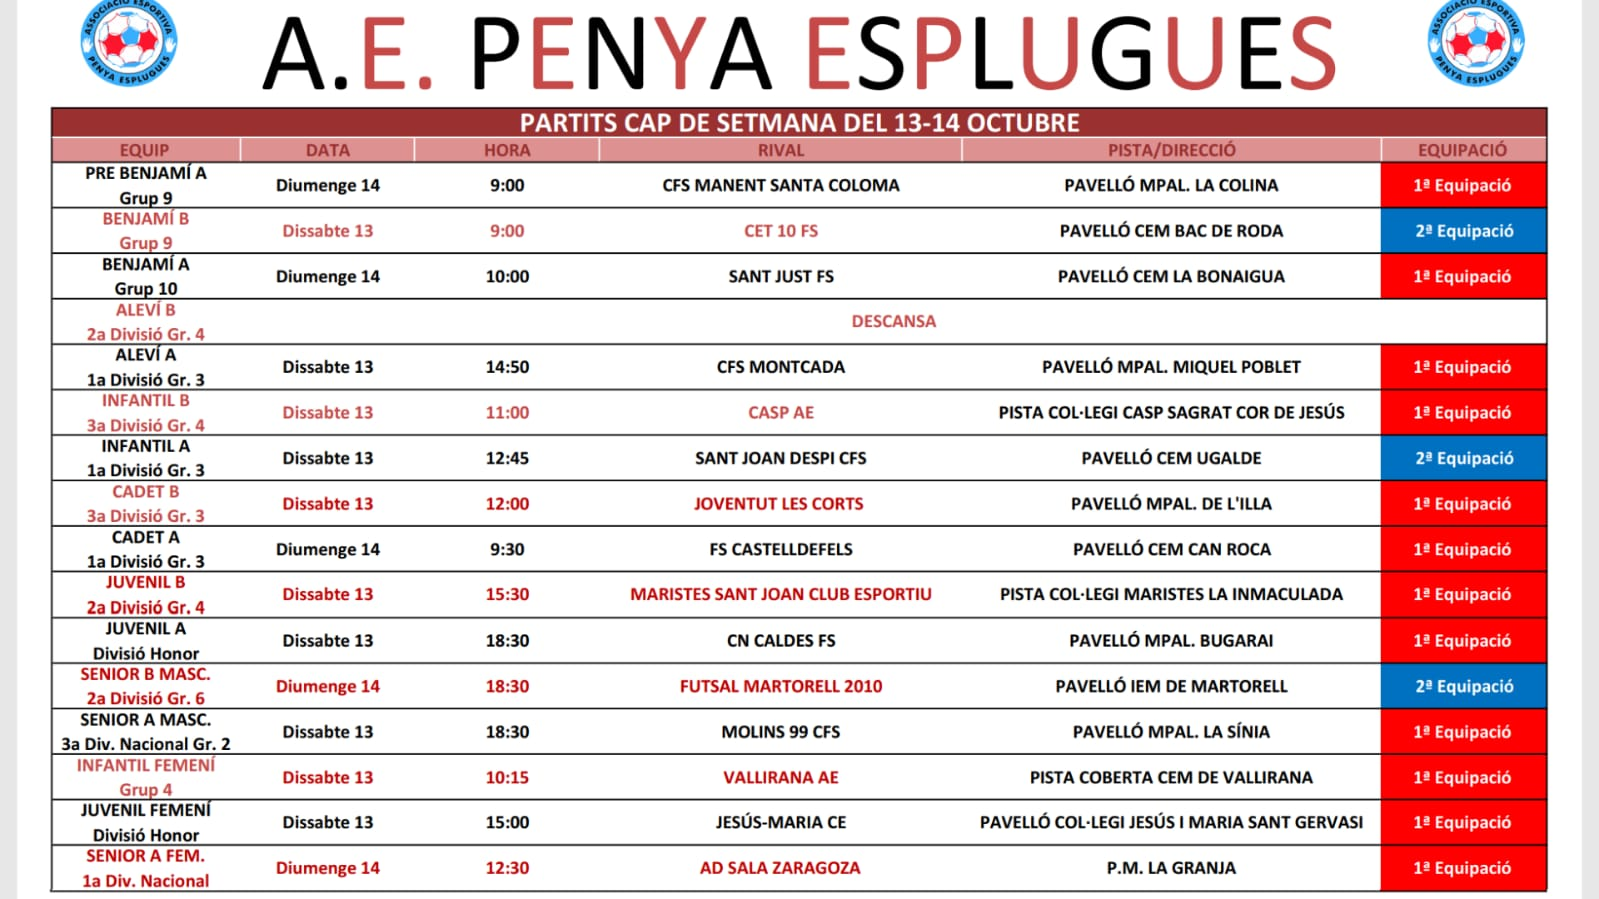 Agenda De Partits Del Cap De Setmana | Agenda De Partidos Del Fin De Semana 13-14/10/2018